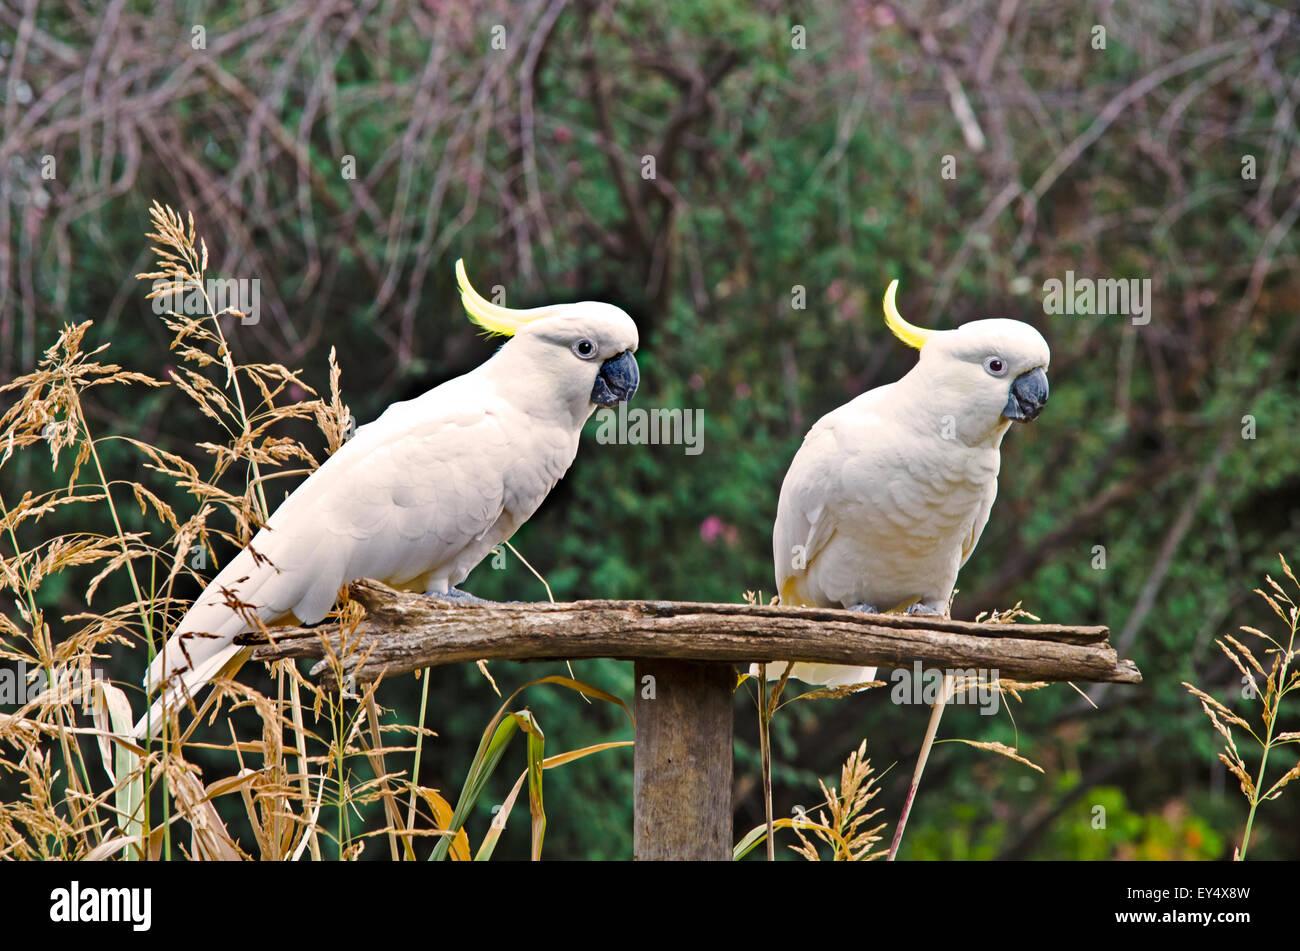 Two Sulphur-Crested Cockatoos, Cacatua galerita - Stock Image